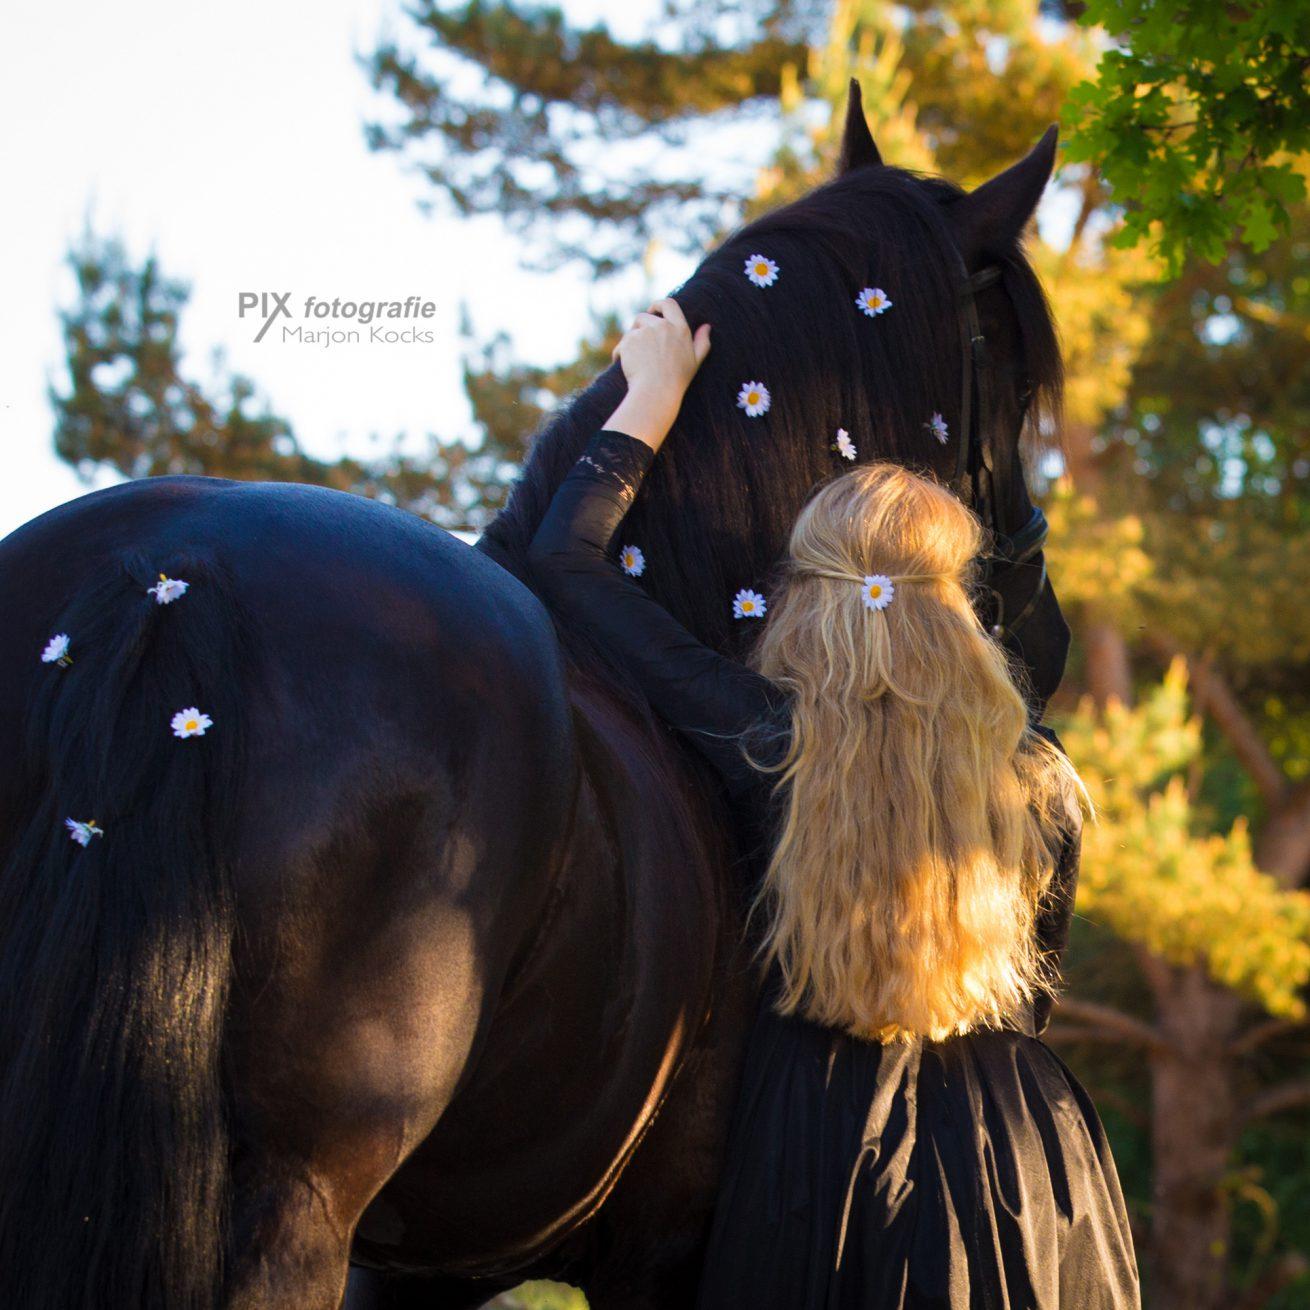 PIXfotografie_Paardenshoot_Jade-180